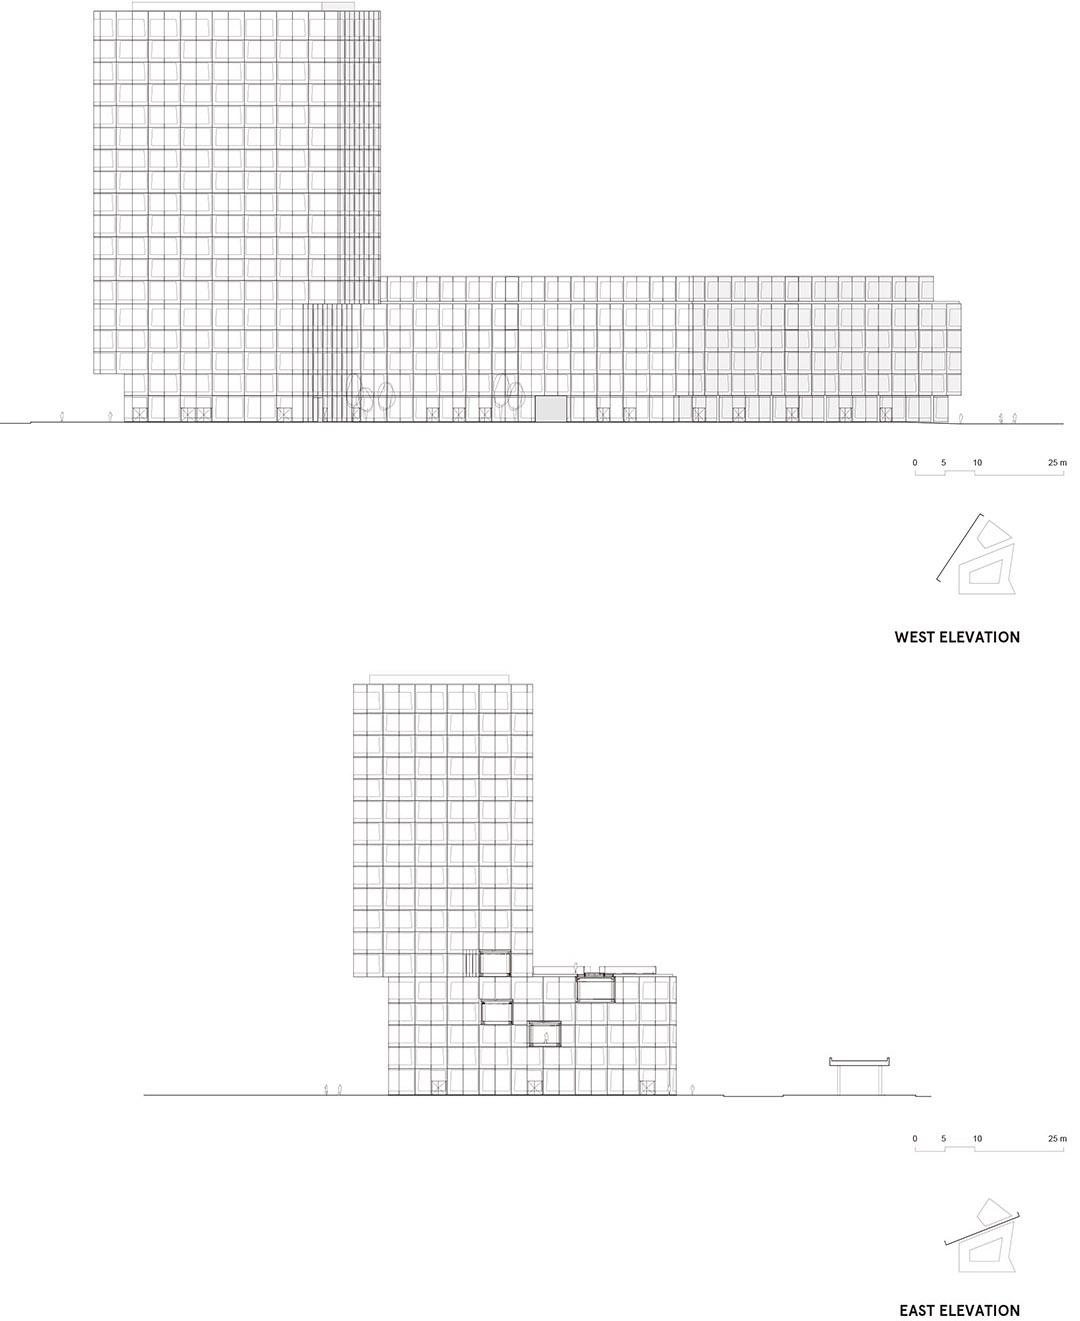 安联总部办公楼维尔阿雷兹建筑事务所Allianz Headquarters  Wiel Arets Architects (15)